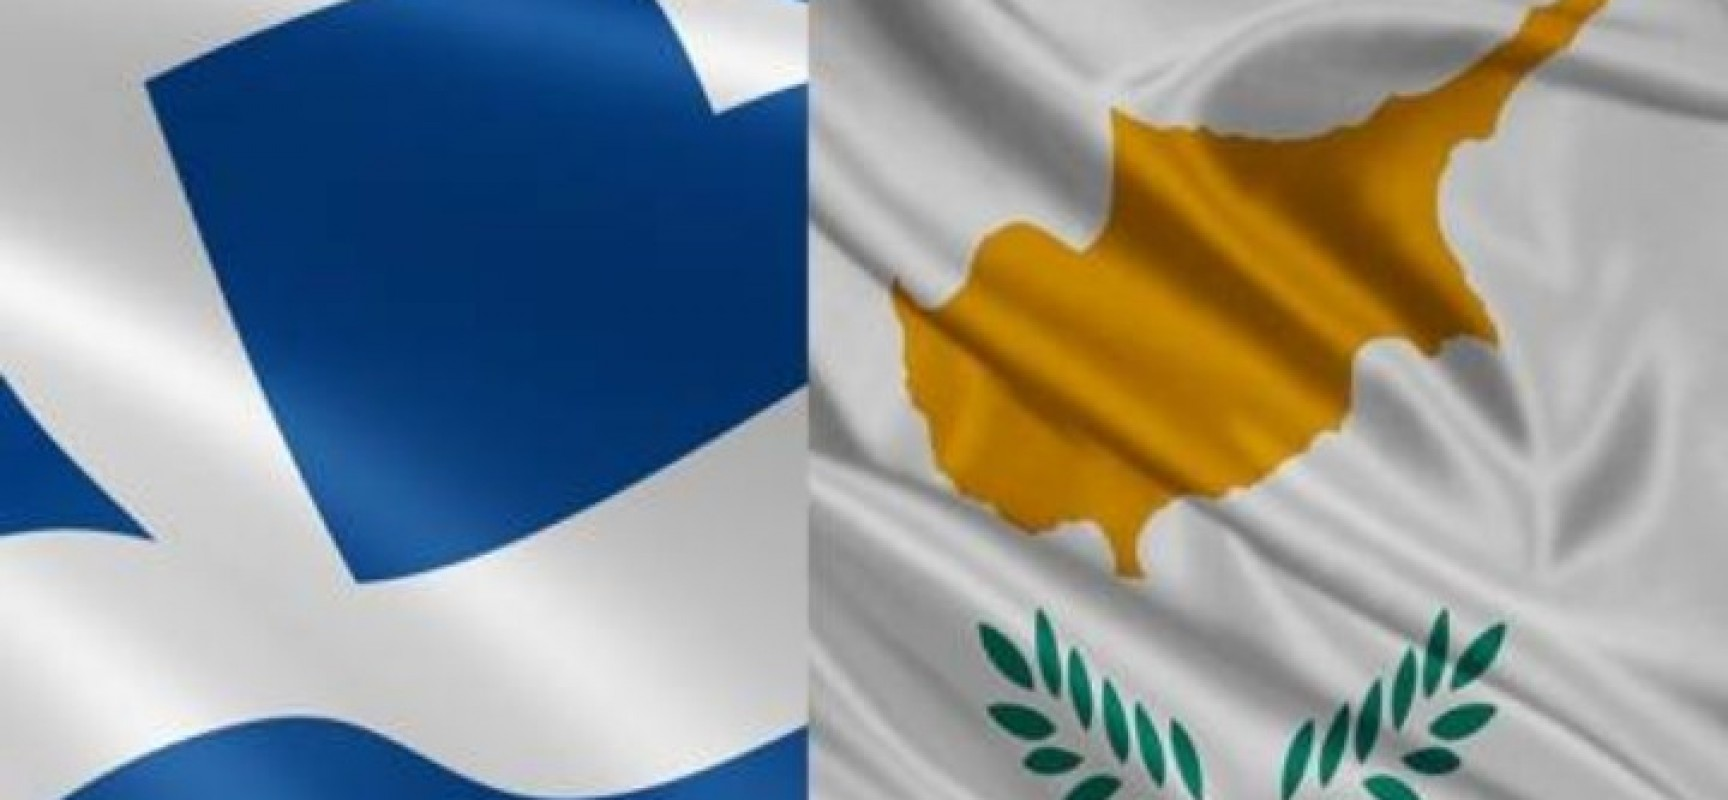 Τελικά αποτελέσματα αγώνα Διακρατικής Συμφωνίας Ελλάδας – Κύπρου 2016